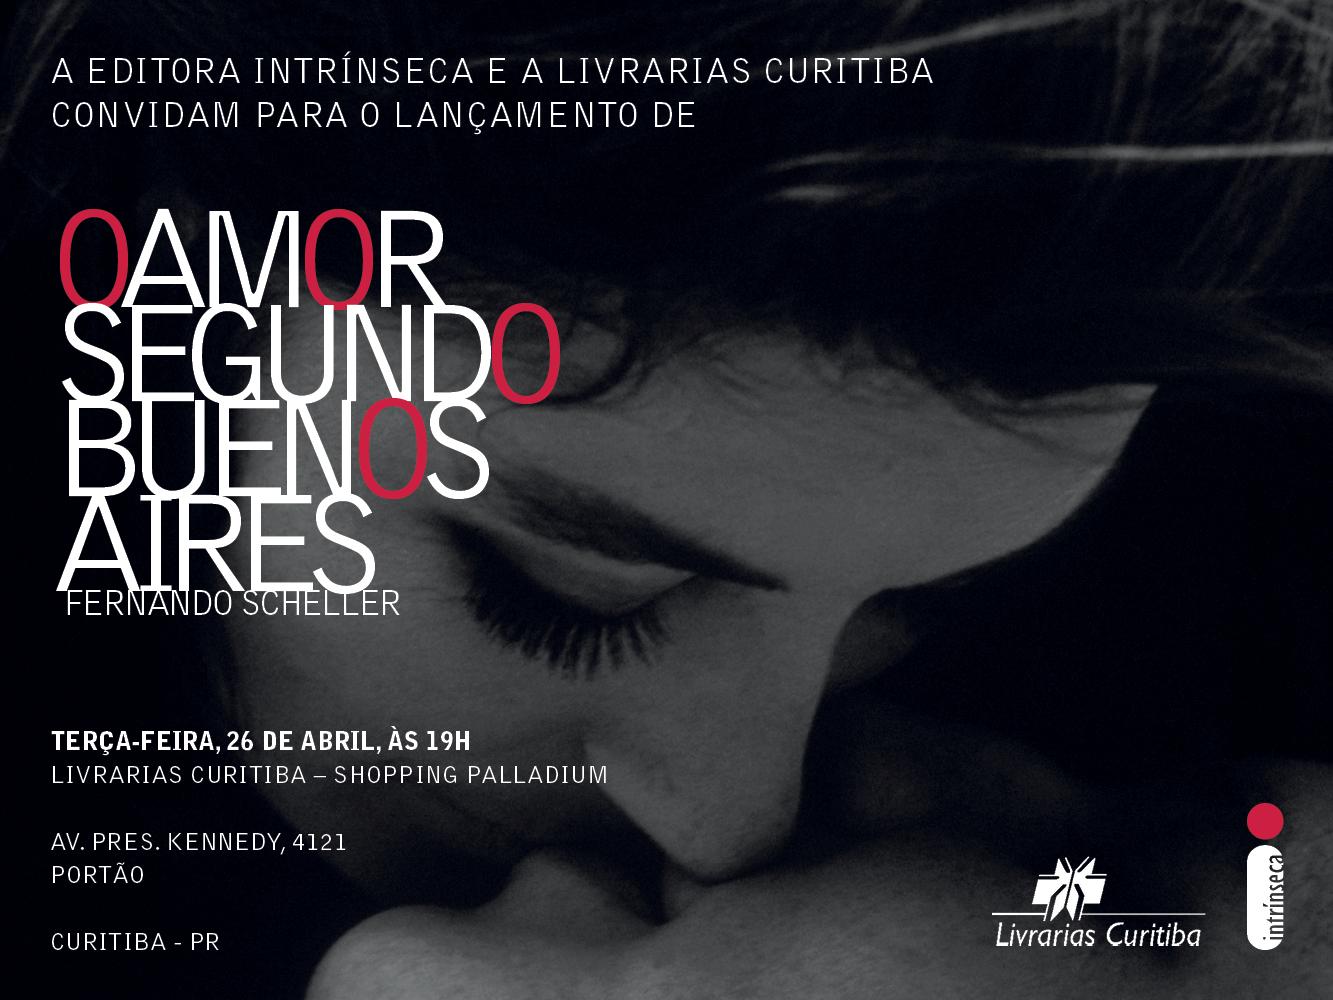 Convite_OAmorSegundoBuenosAires_Face_PR